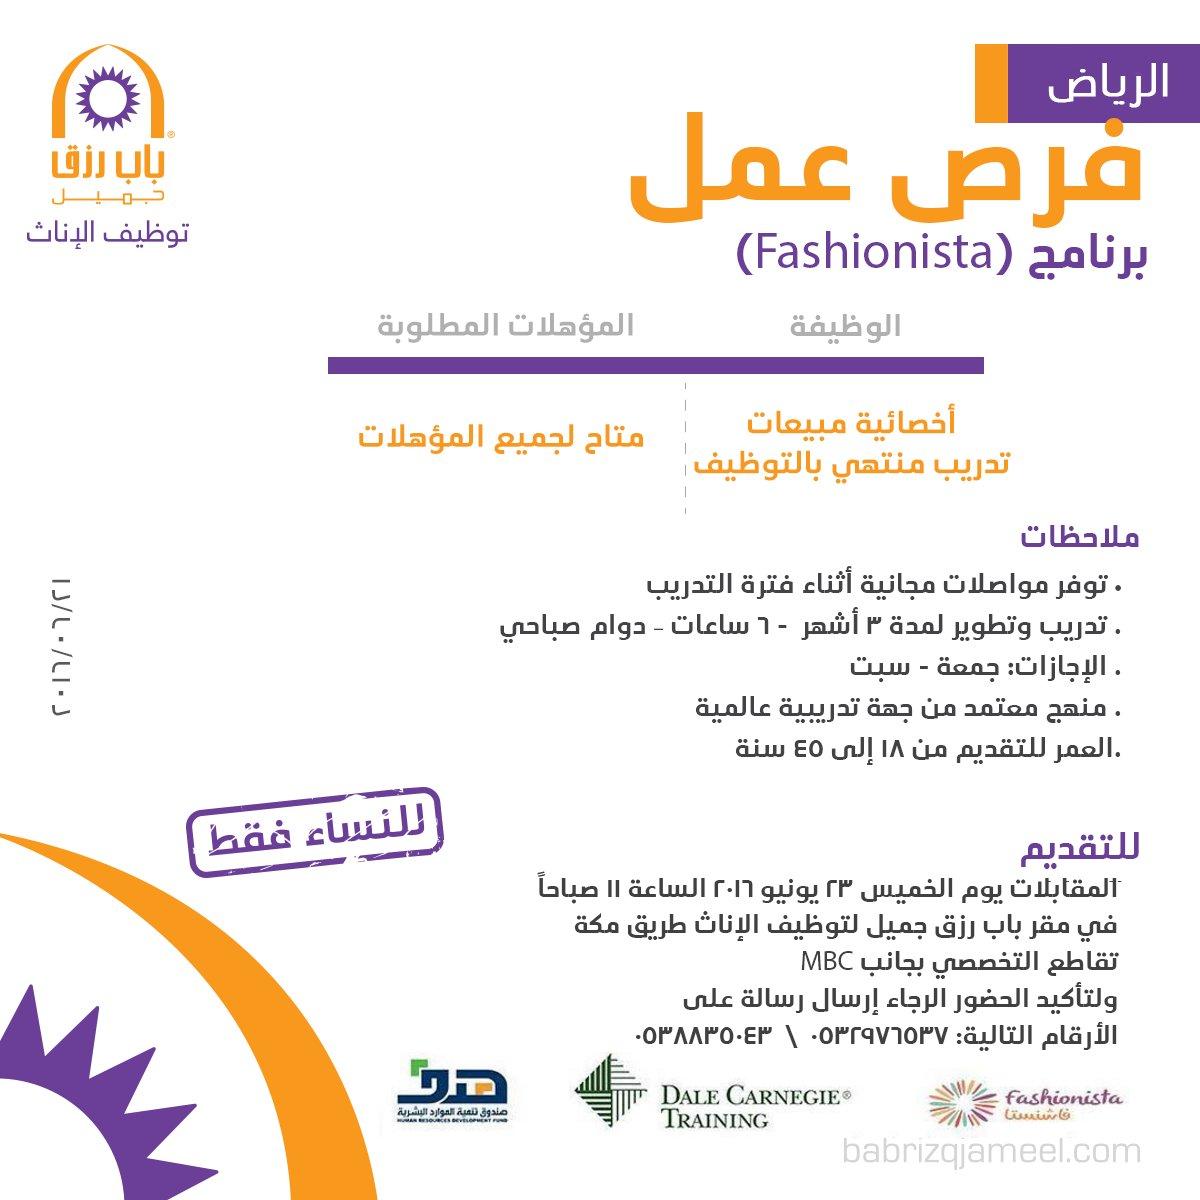 غدا الخميس التقديم على تدريب منتهي بالتوظيف بوظيفة أخصائية مبيعات - الرياض